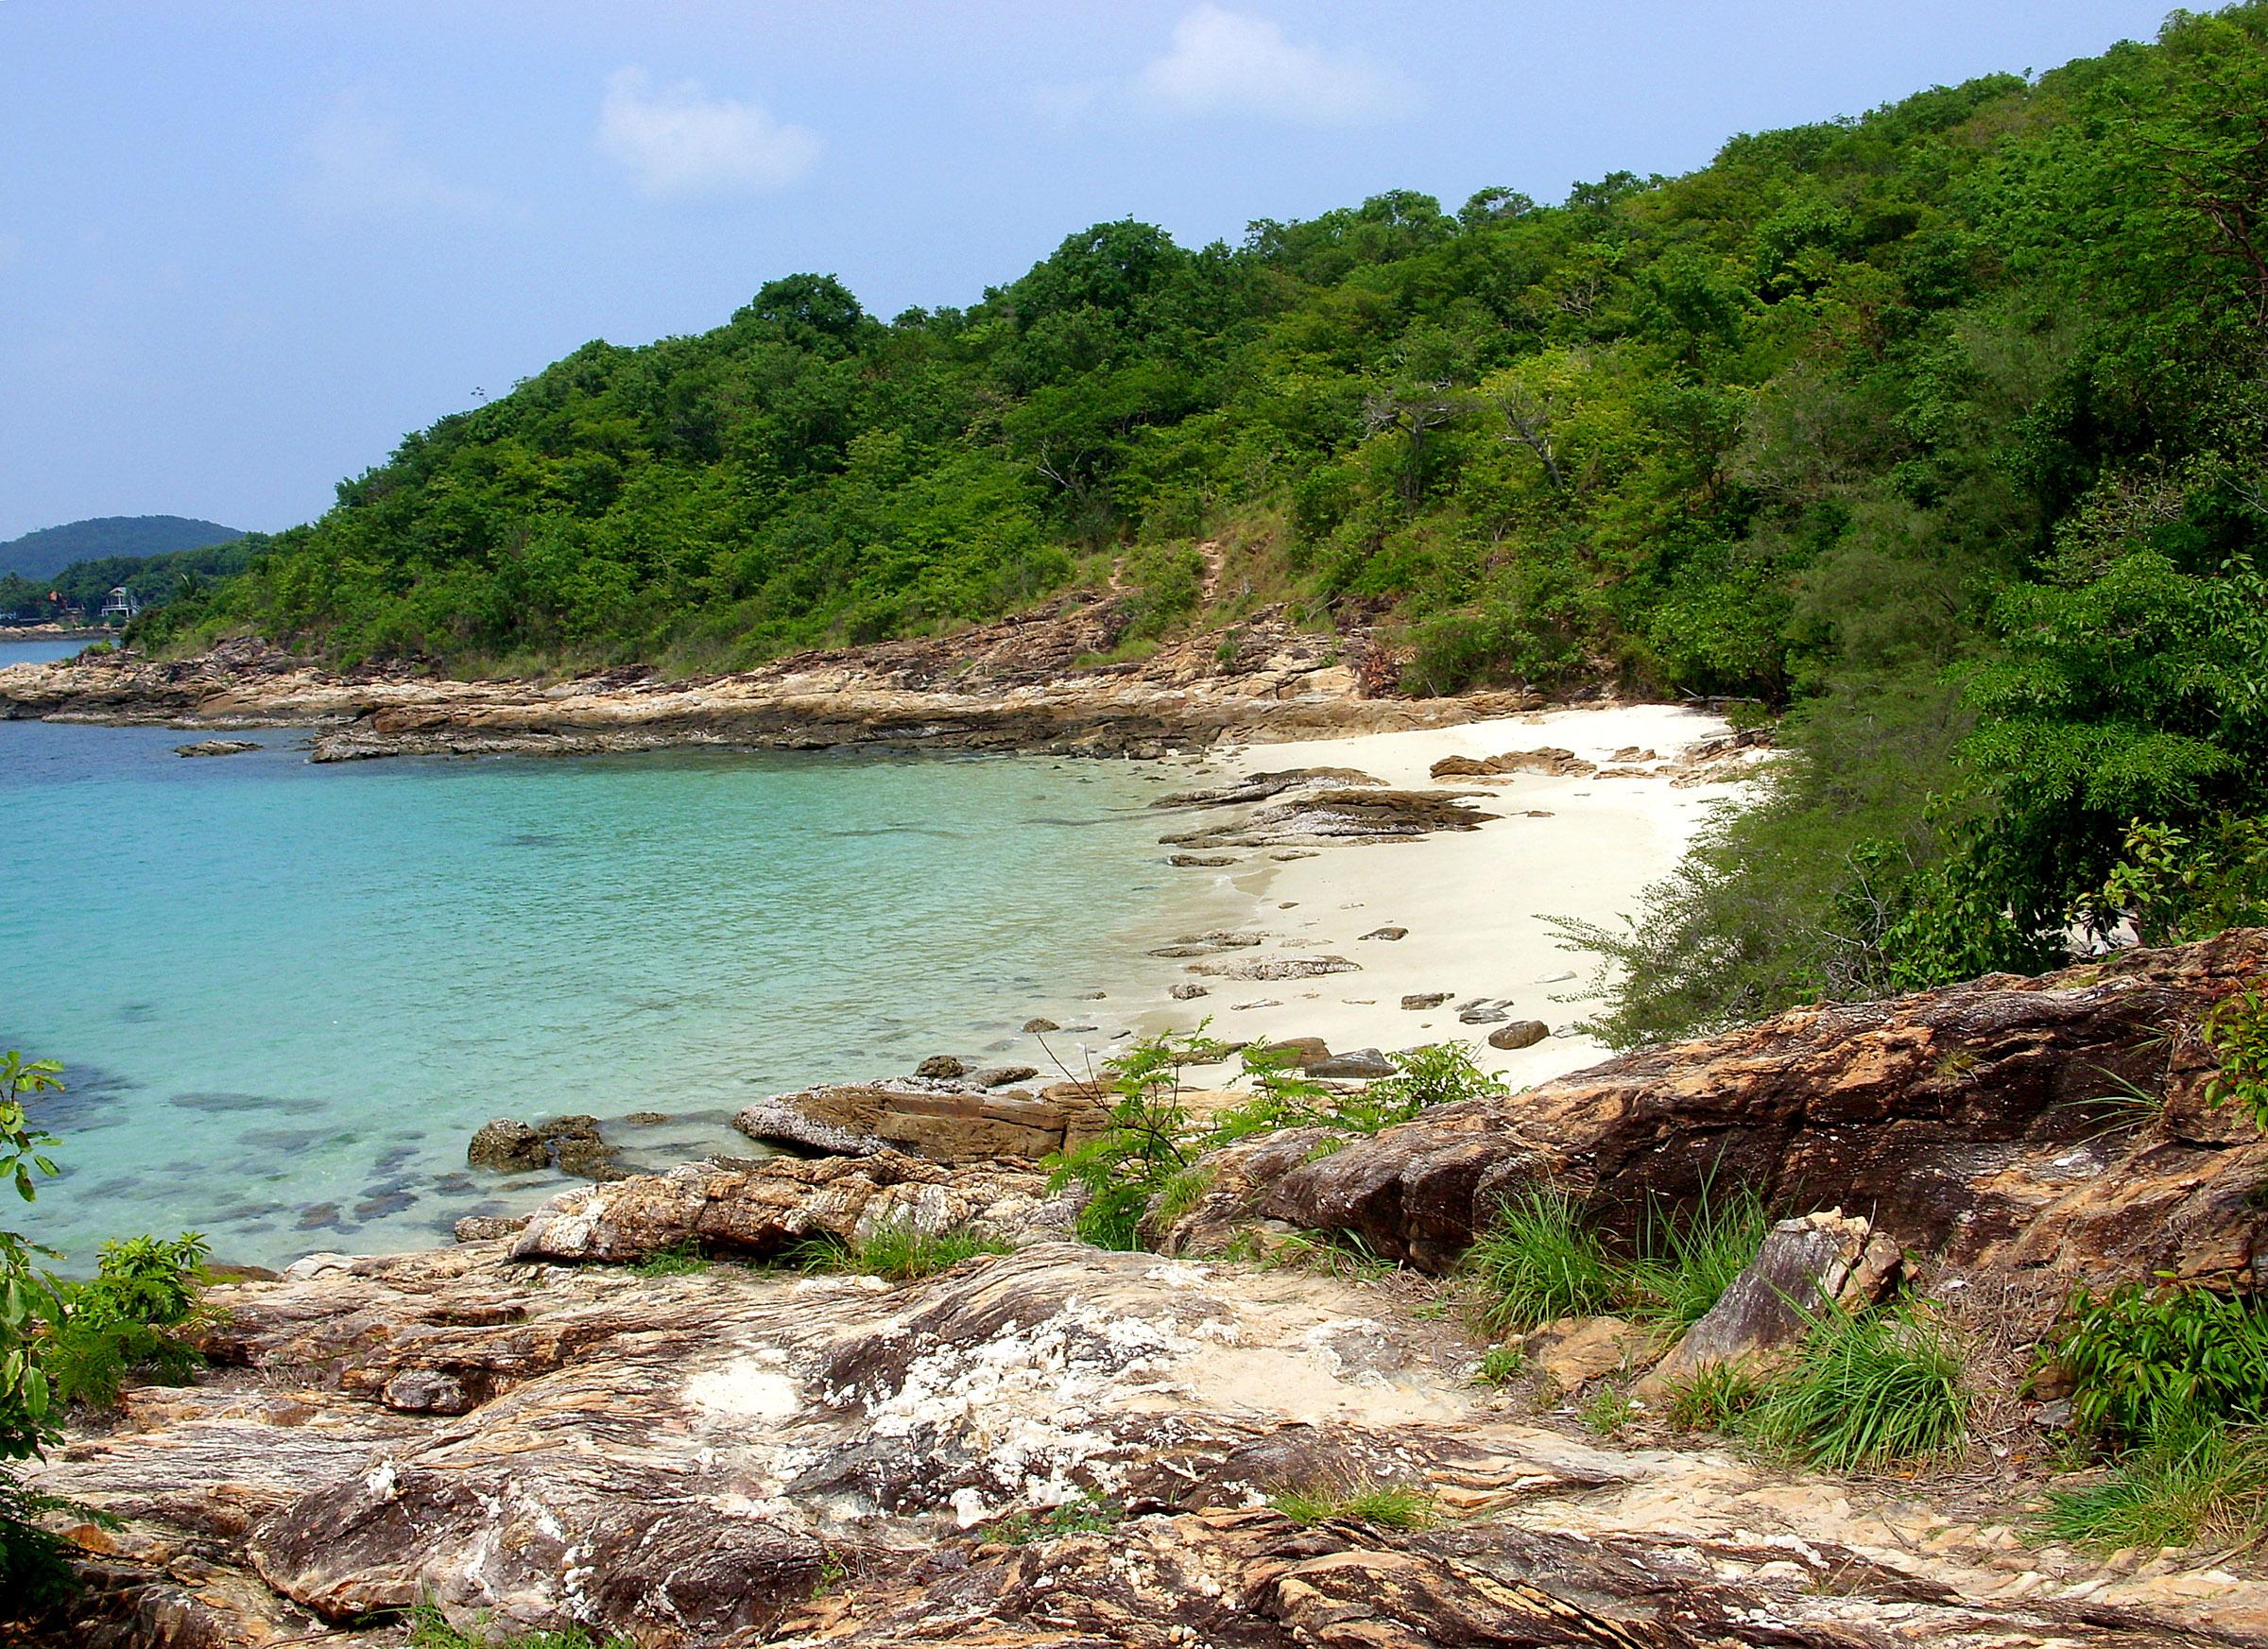 Rocky beach - Koh Samet, Thailand, Beach, Rocky, Samed, Sea, HQ Photo